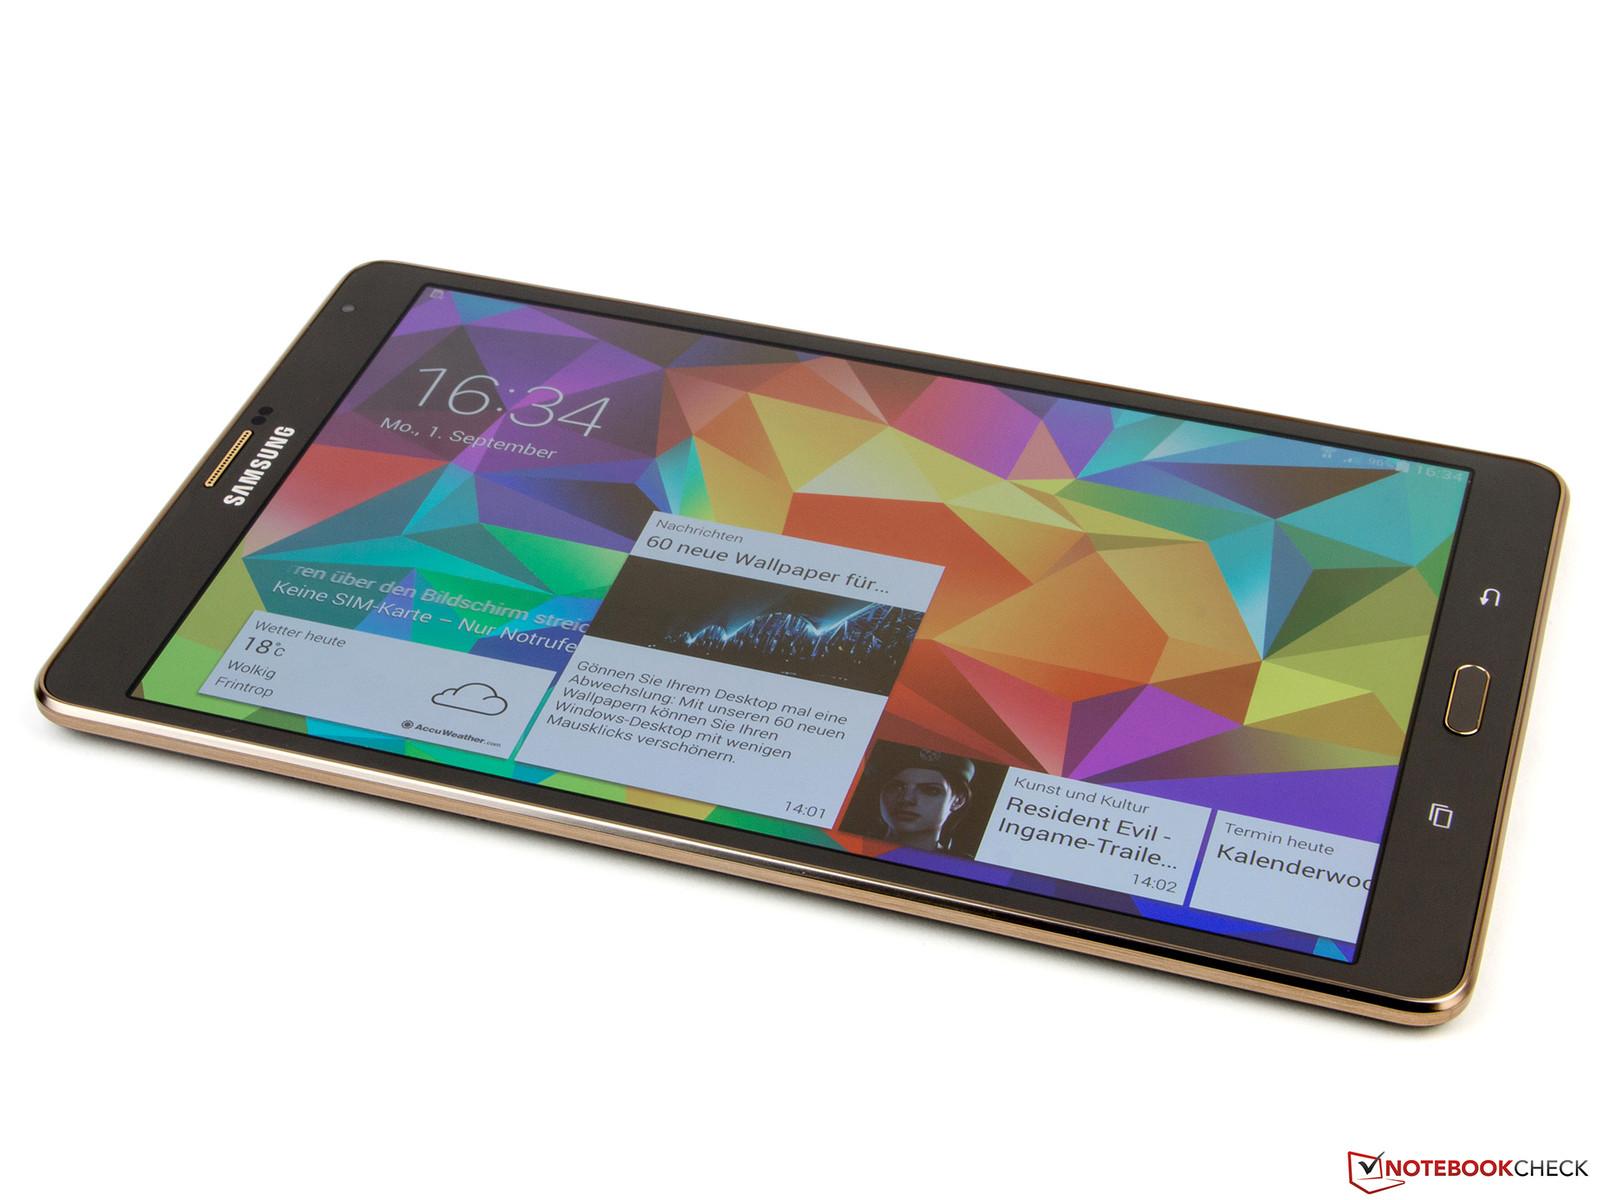 Sim Karte Für Tablet.Face Off Samsung Galaxy Tab S 8 4 Vs Sony Xperia Z3 Tablet Compact